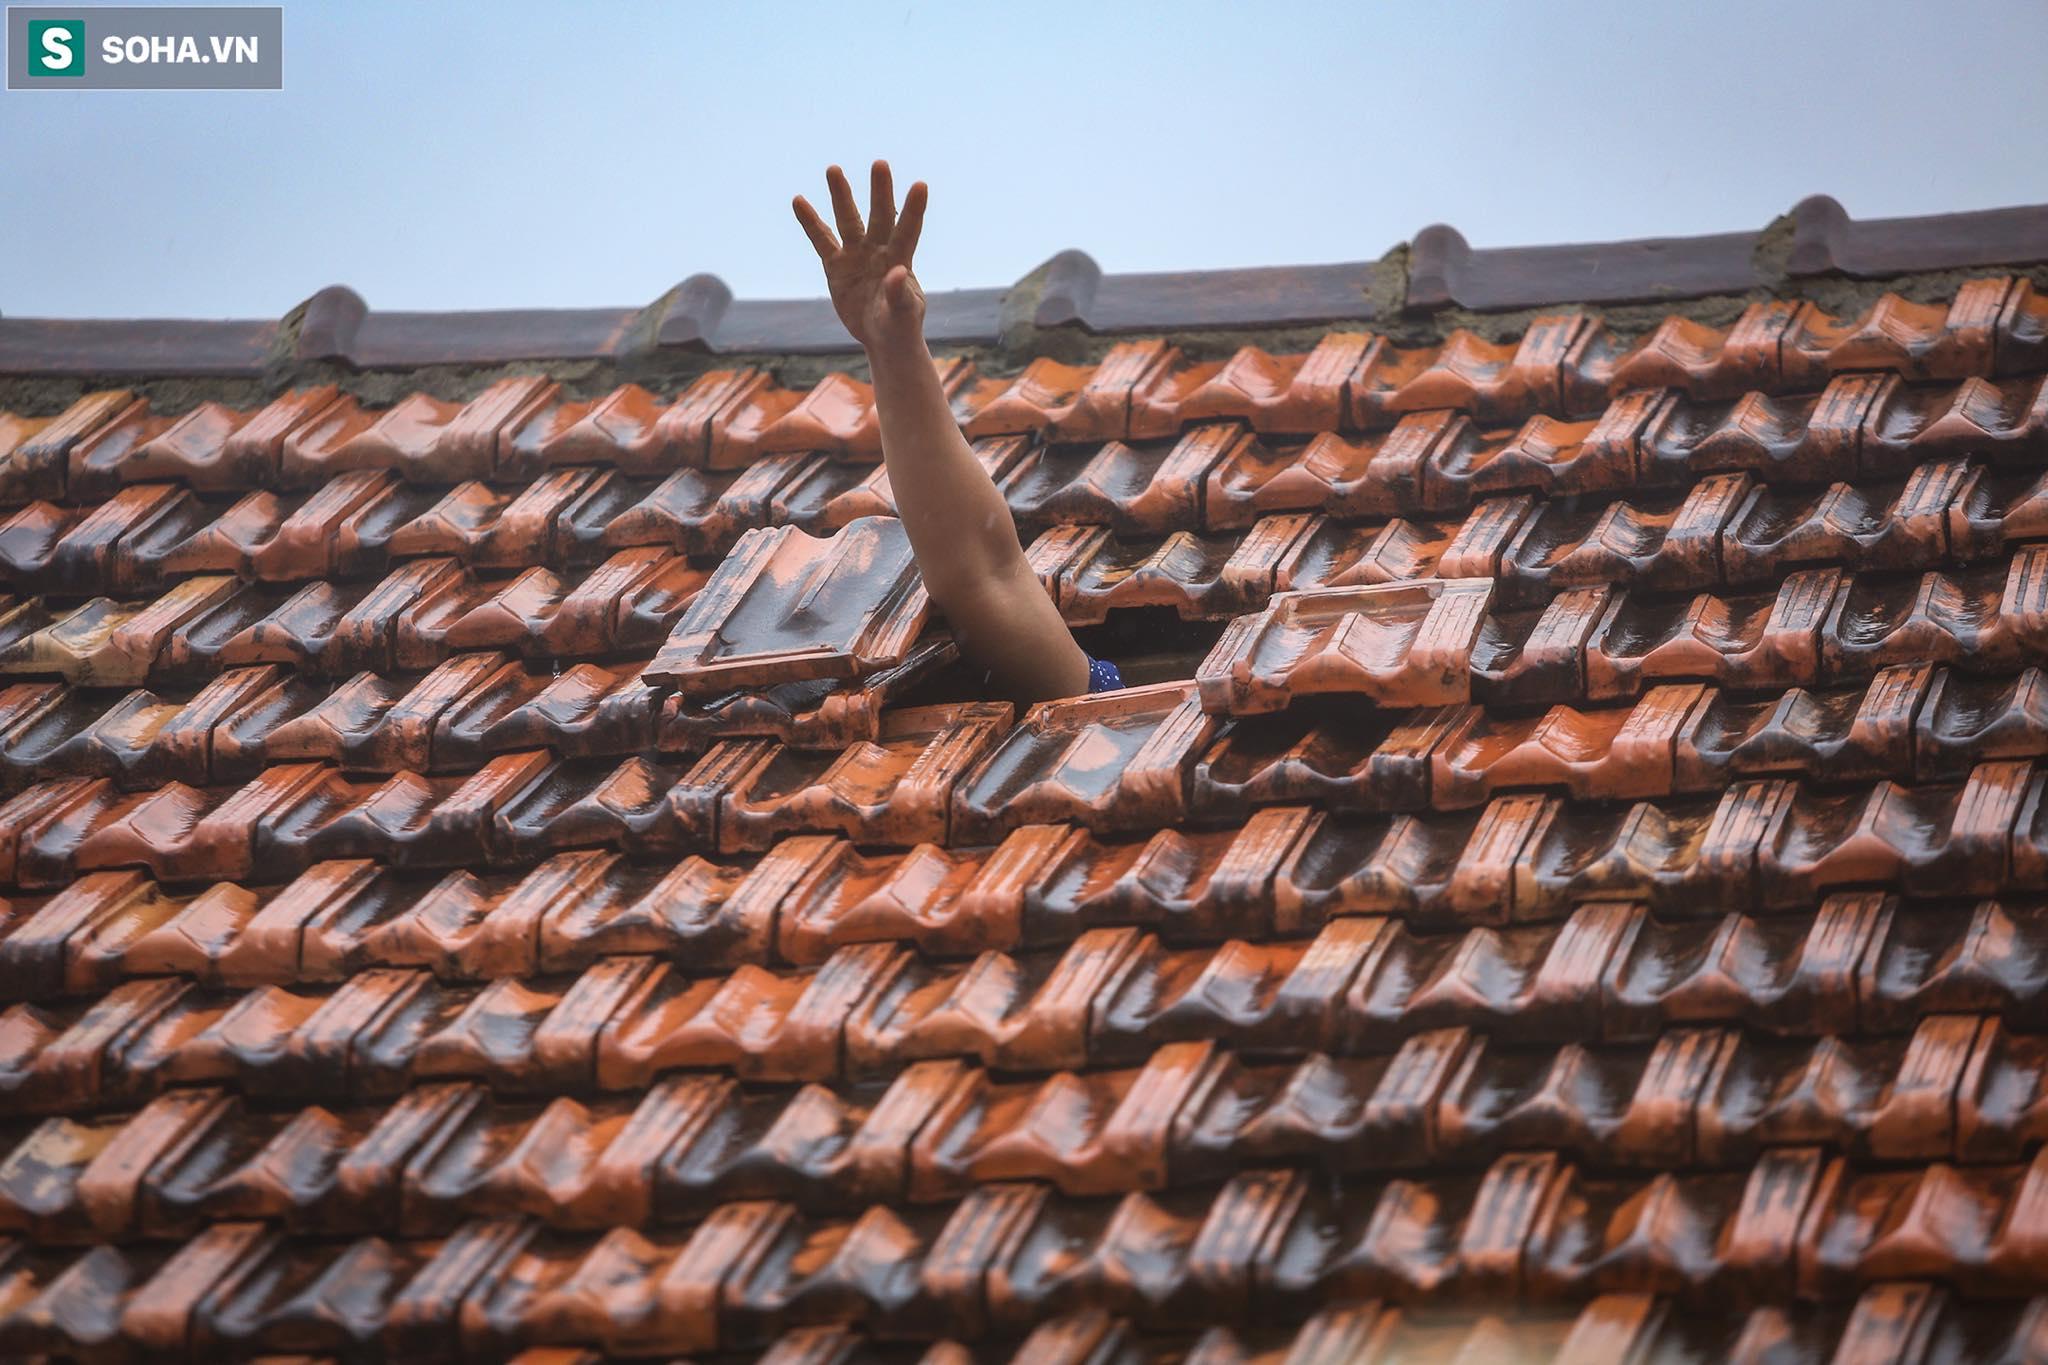 Những cánh tay 'cầu cứu' từ mái nhà trong cơn lũ lịch sử ở Quảng Bình - Ảnh 10.